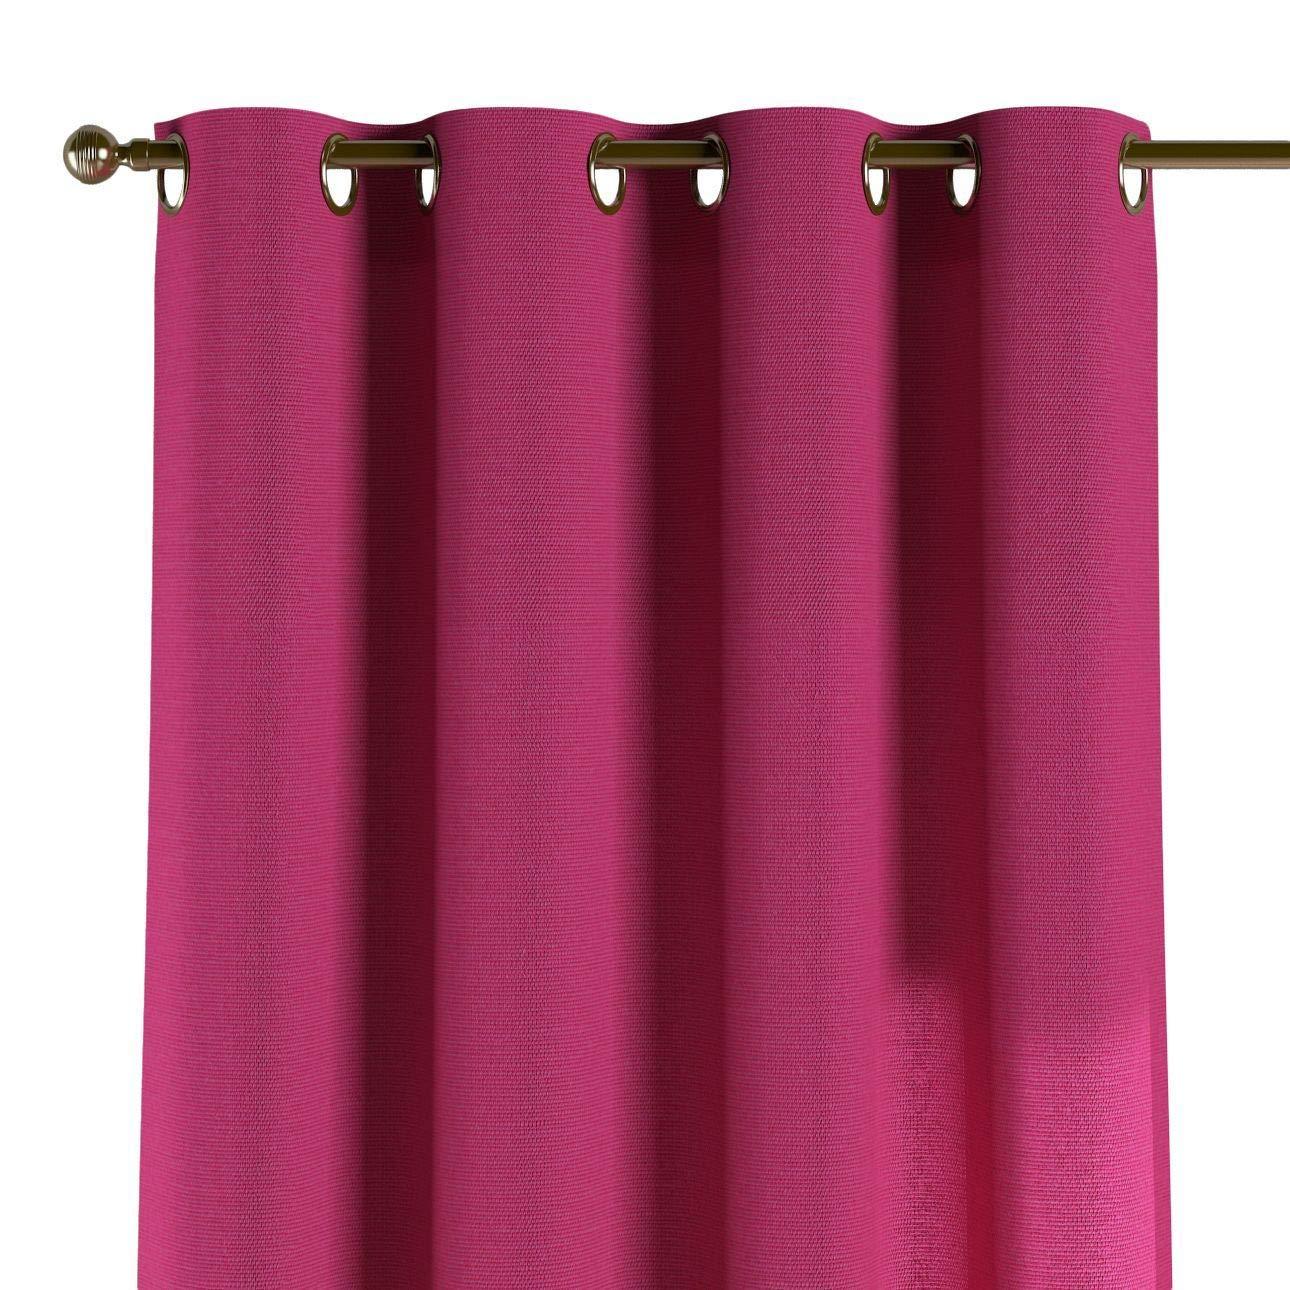 Dekoria Ösenschal Dekoschal Blickdicht 1 Stck. 130 × 260 cm rosa Maßanfertigung möglich